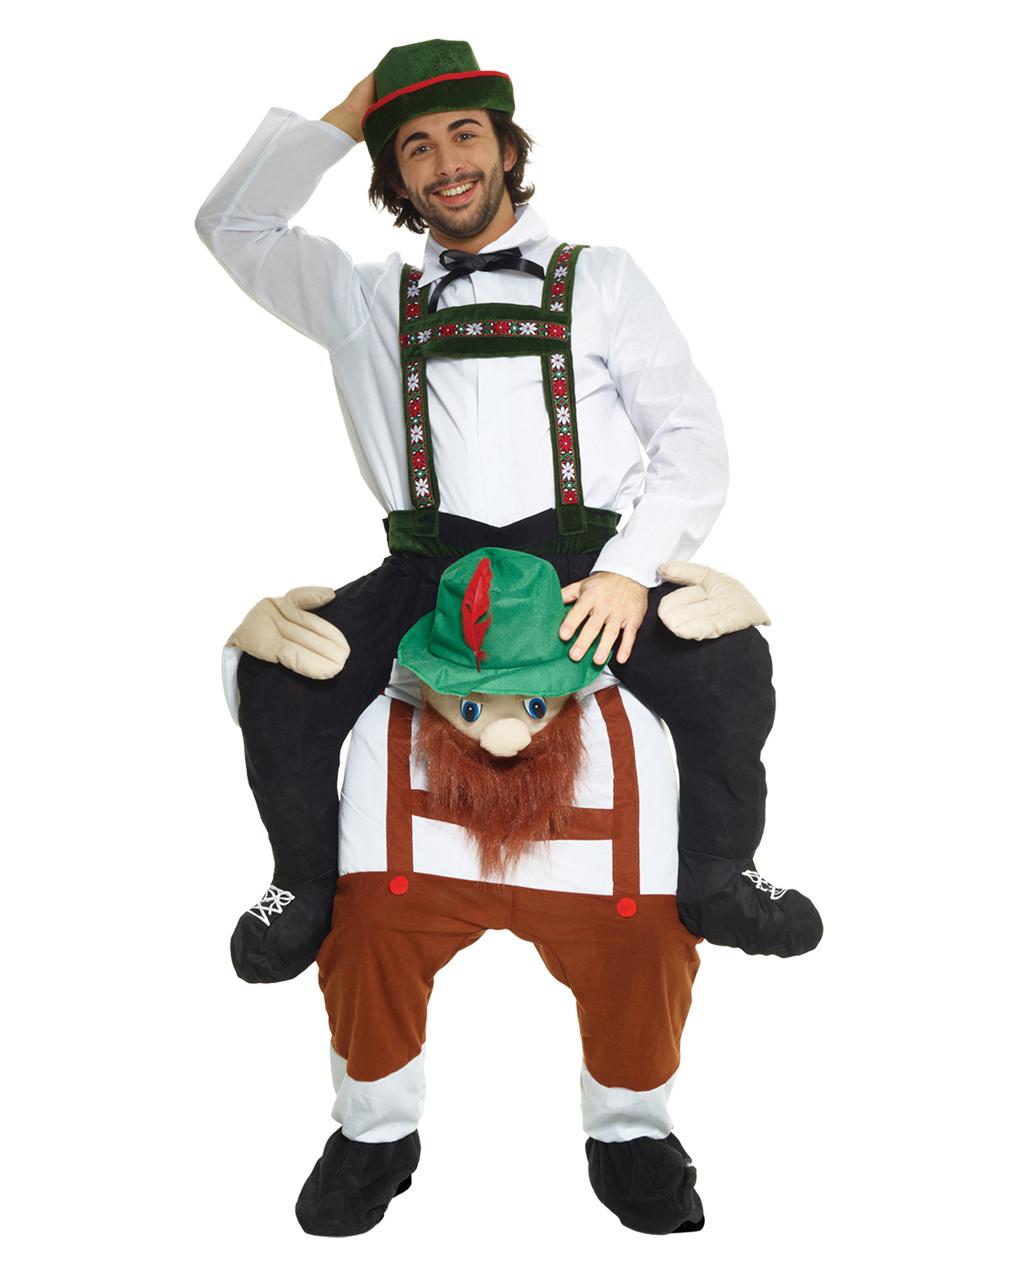 oktoberfest seppl piggyback costume to buy horror. Black Bedroom Furniture Sets. Home Design Ideas